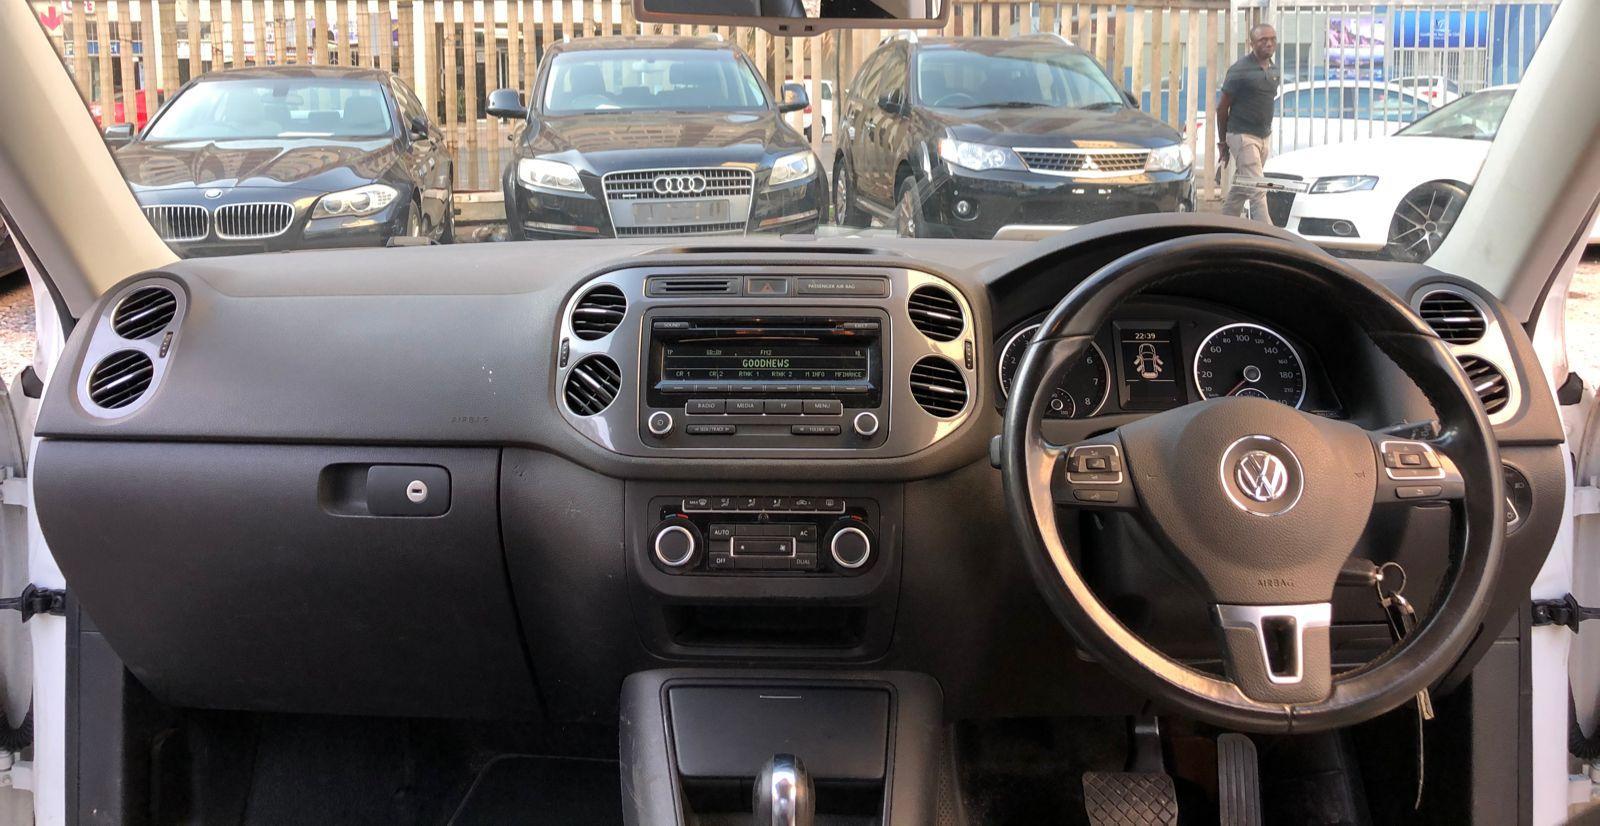 Used Volkswagen Tiguan in Botswana